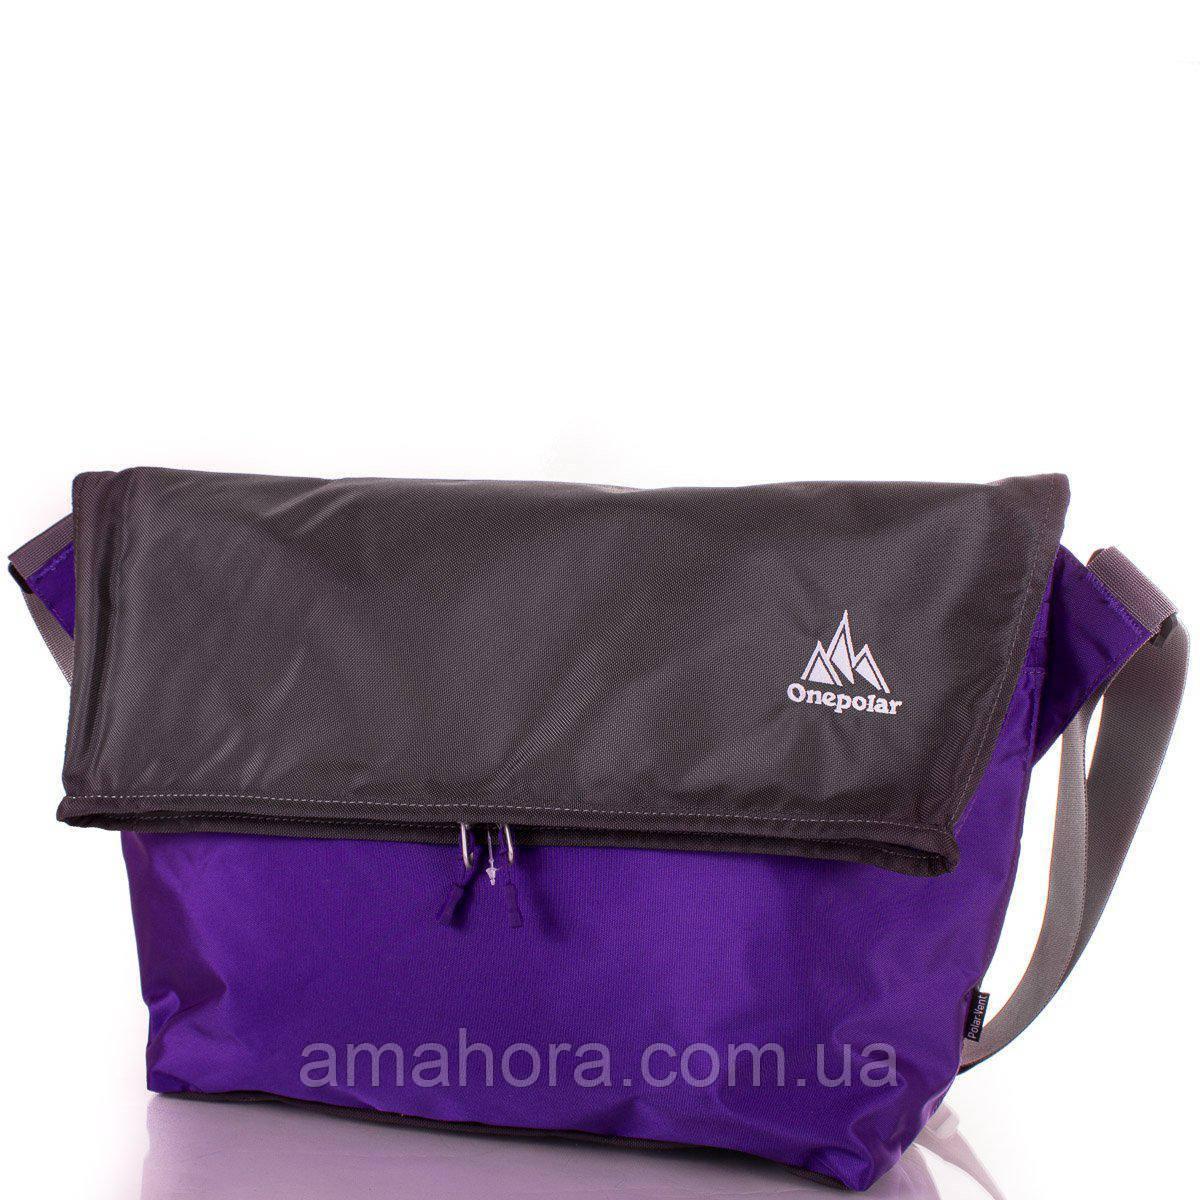 d21c363e0082 Сумка через плечо Onepolar Женская спортивная сумка через плечо ONEPOLAR  (ВАНПОЛАР) W5637-violet